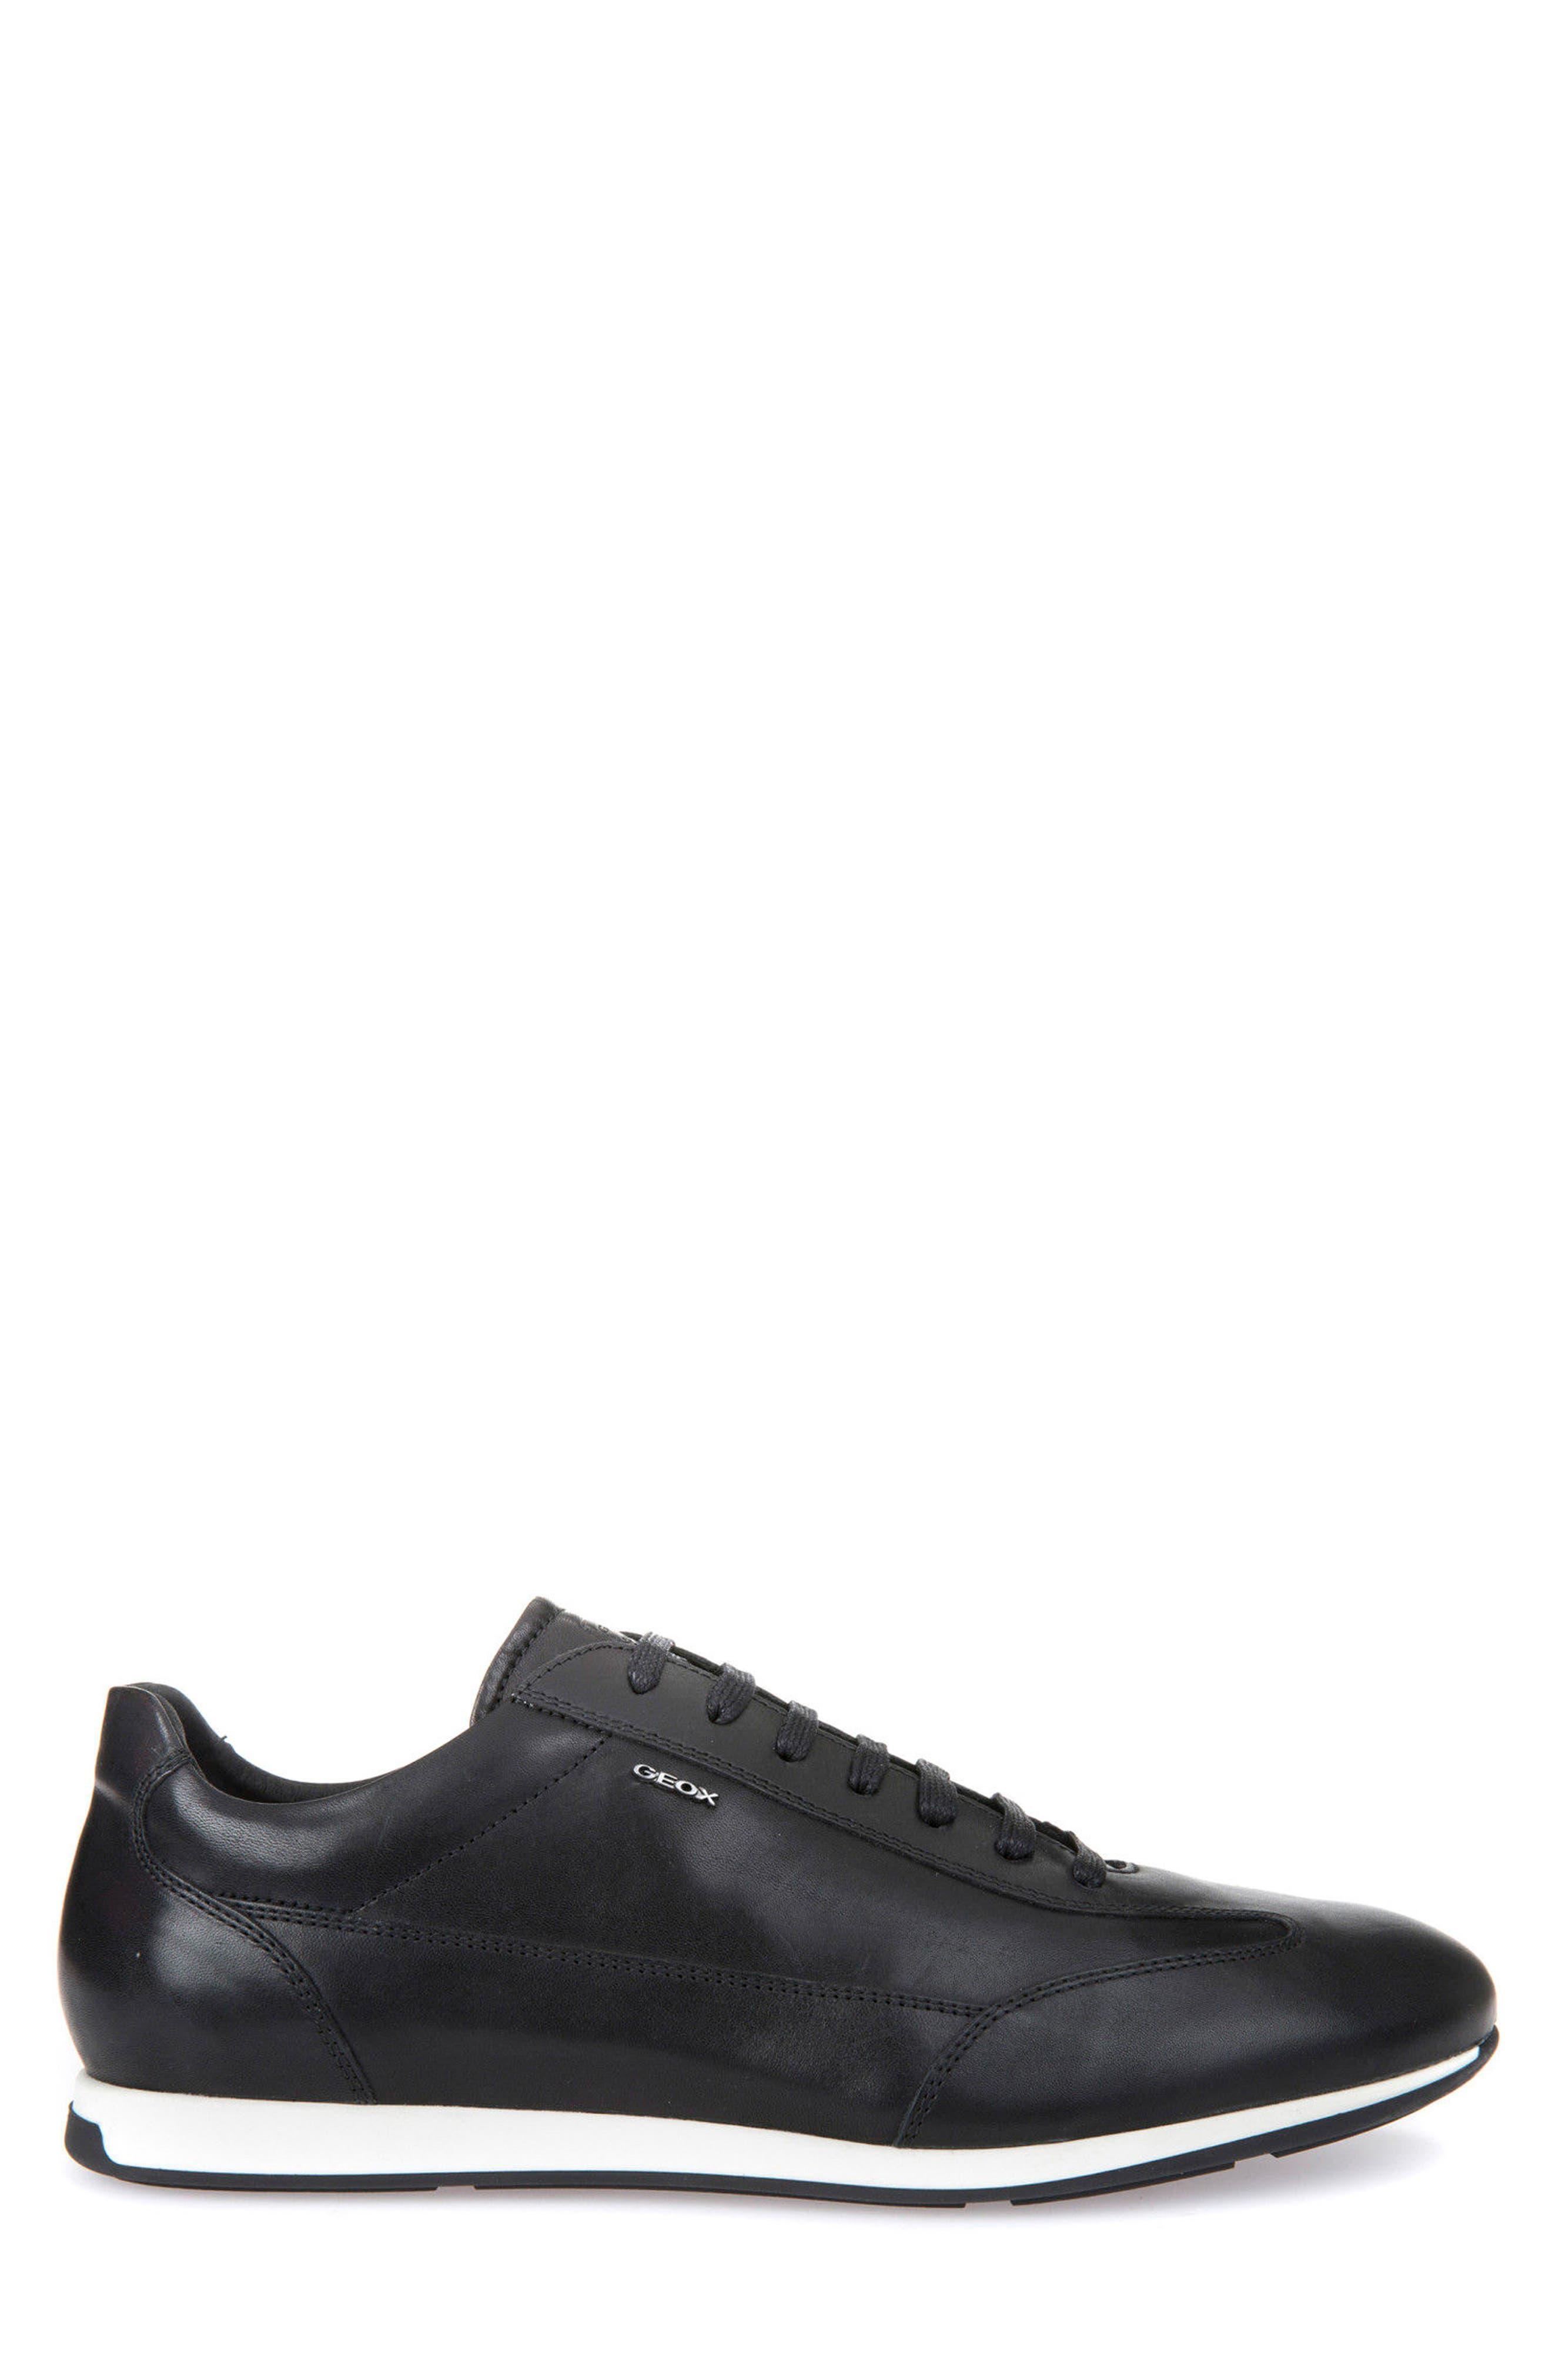 Clemet 1 Sneaker,                             Alternate thumbnail 5, color,